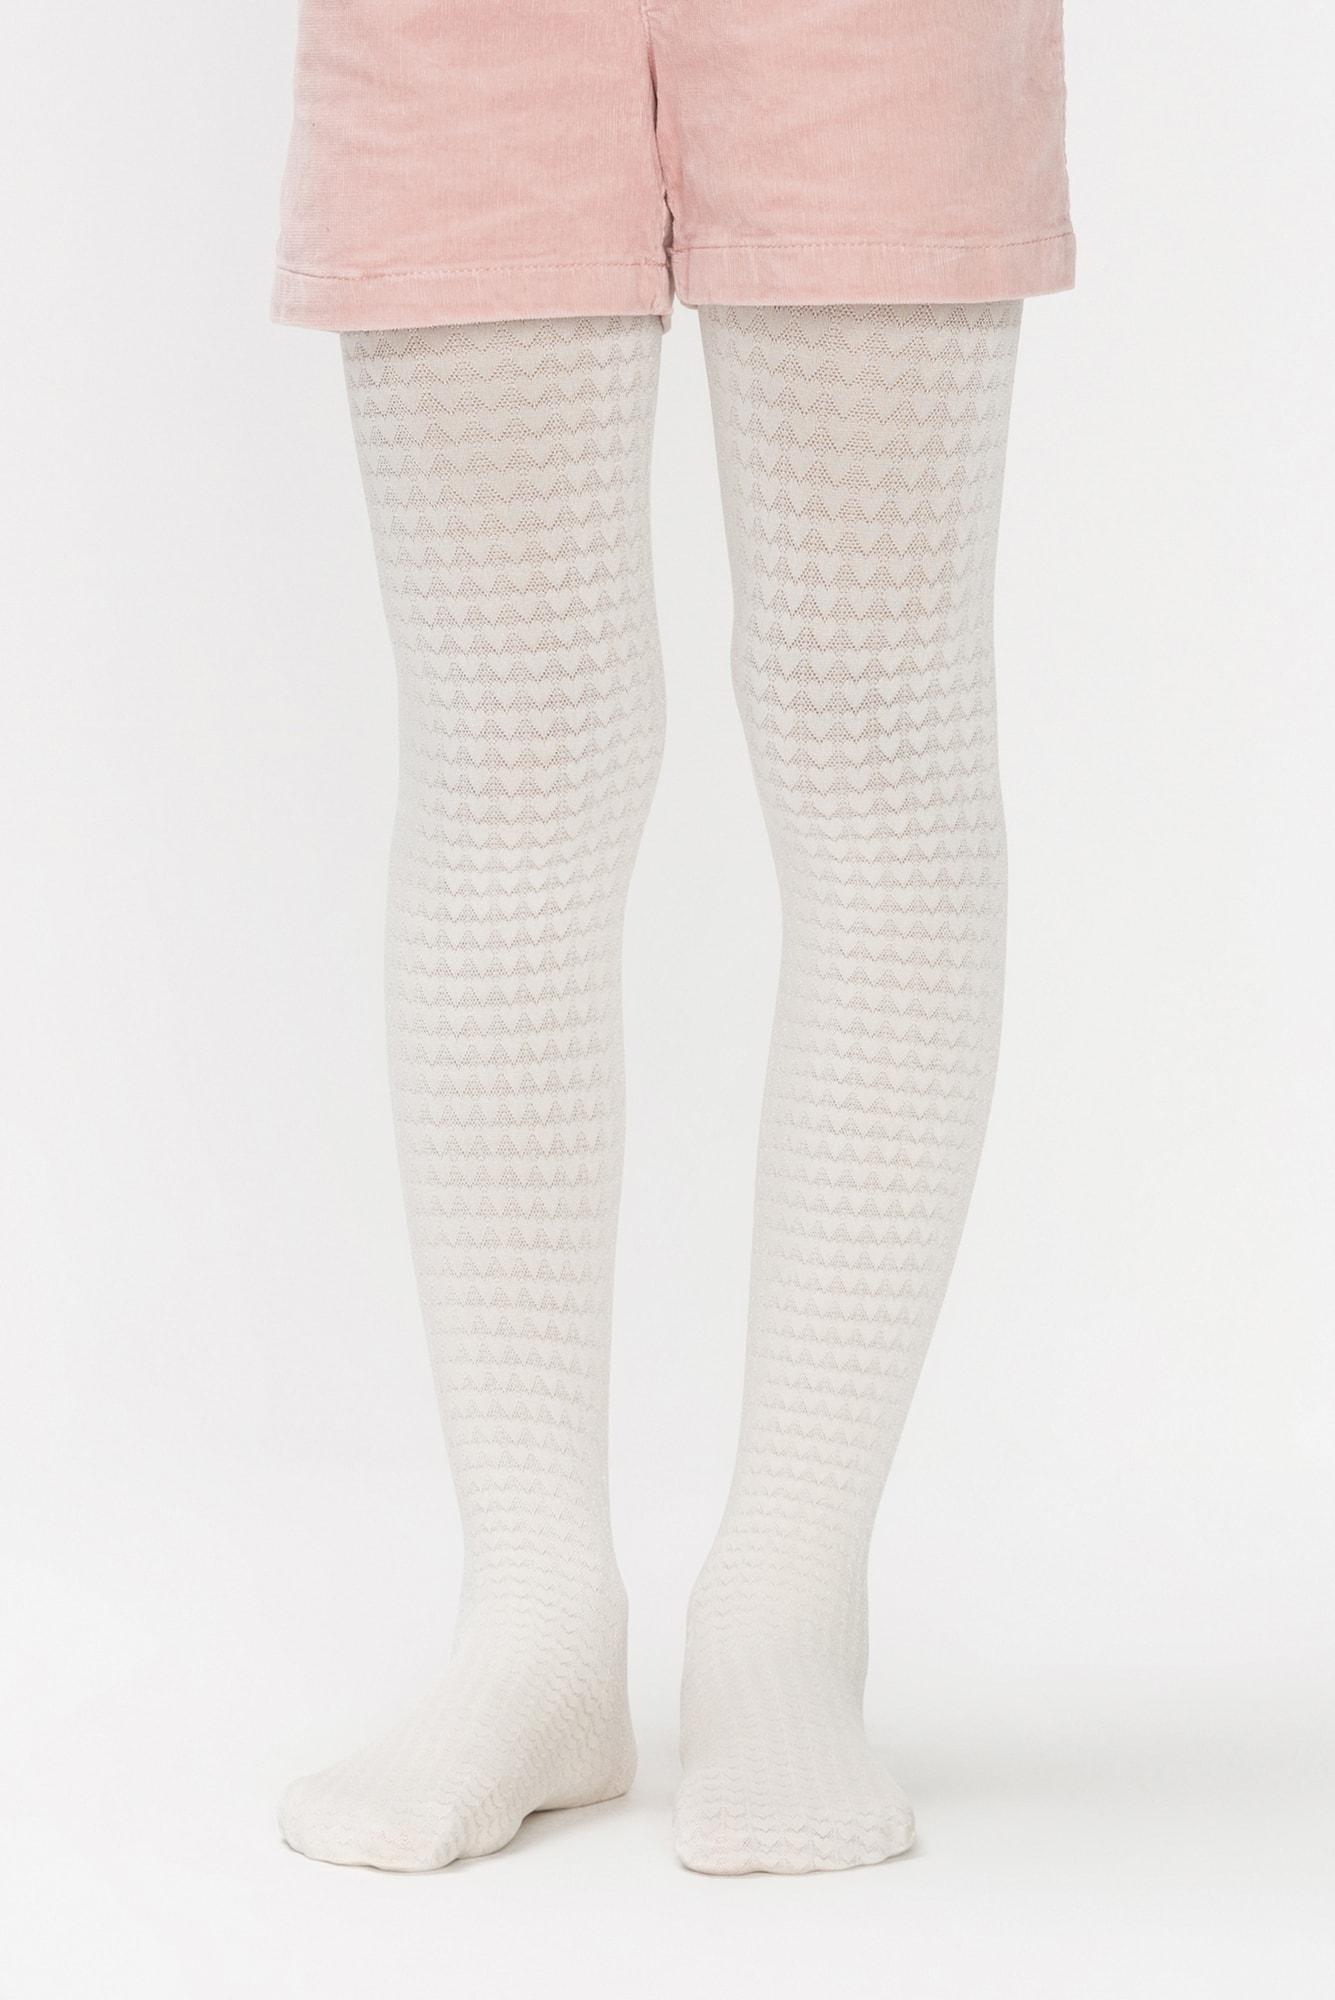 جوراب شلواری دخترانه طرح Amore رنگ وانیلی |